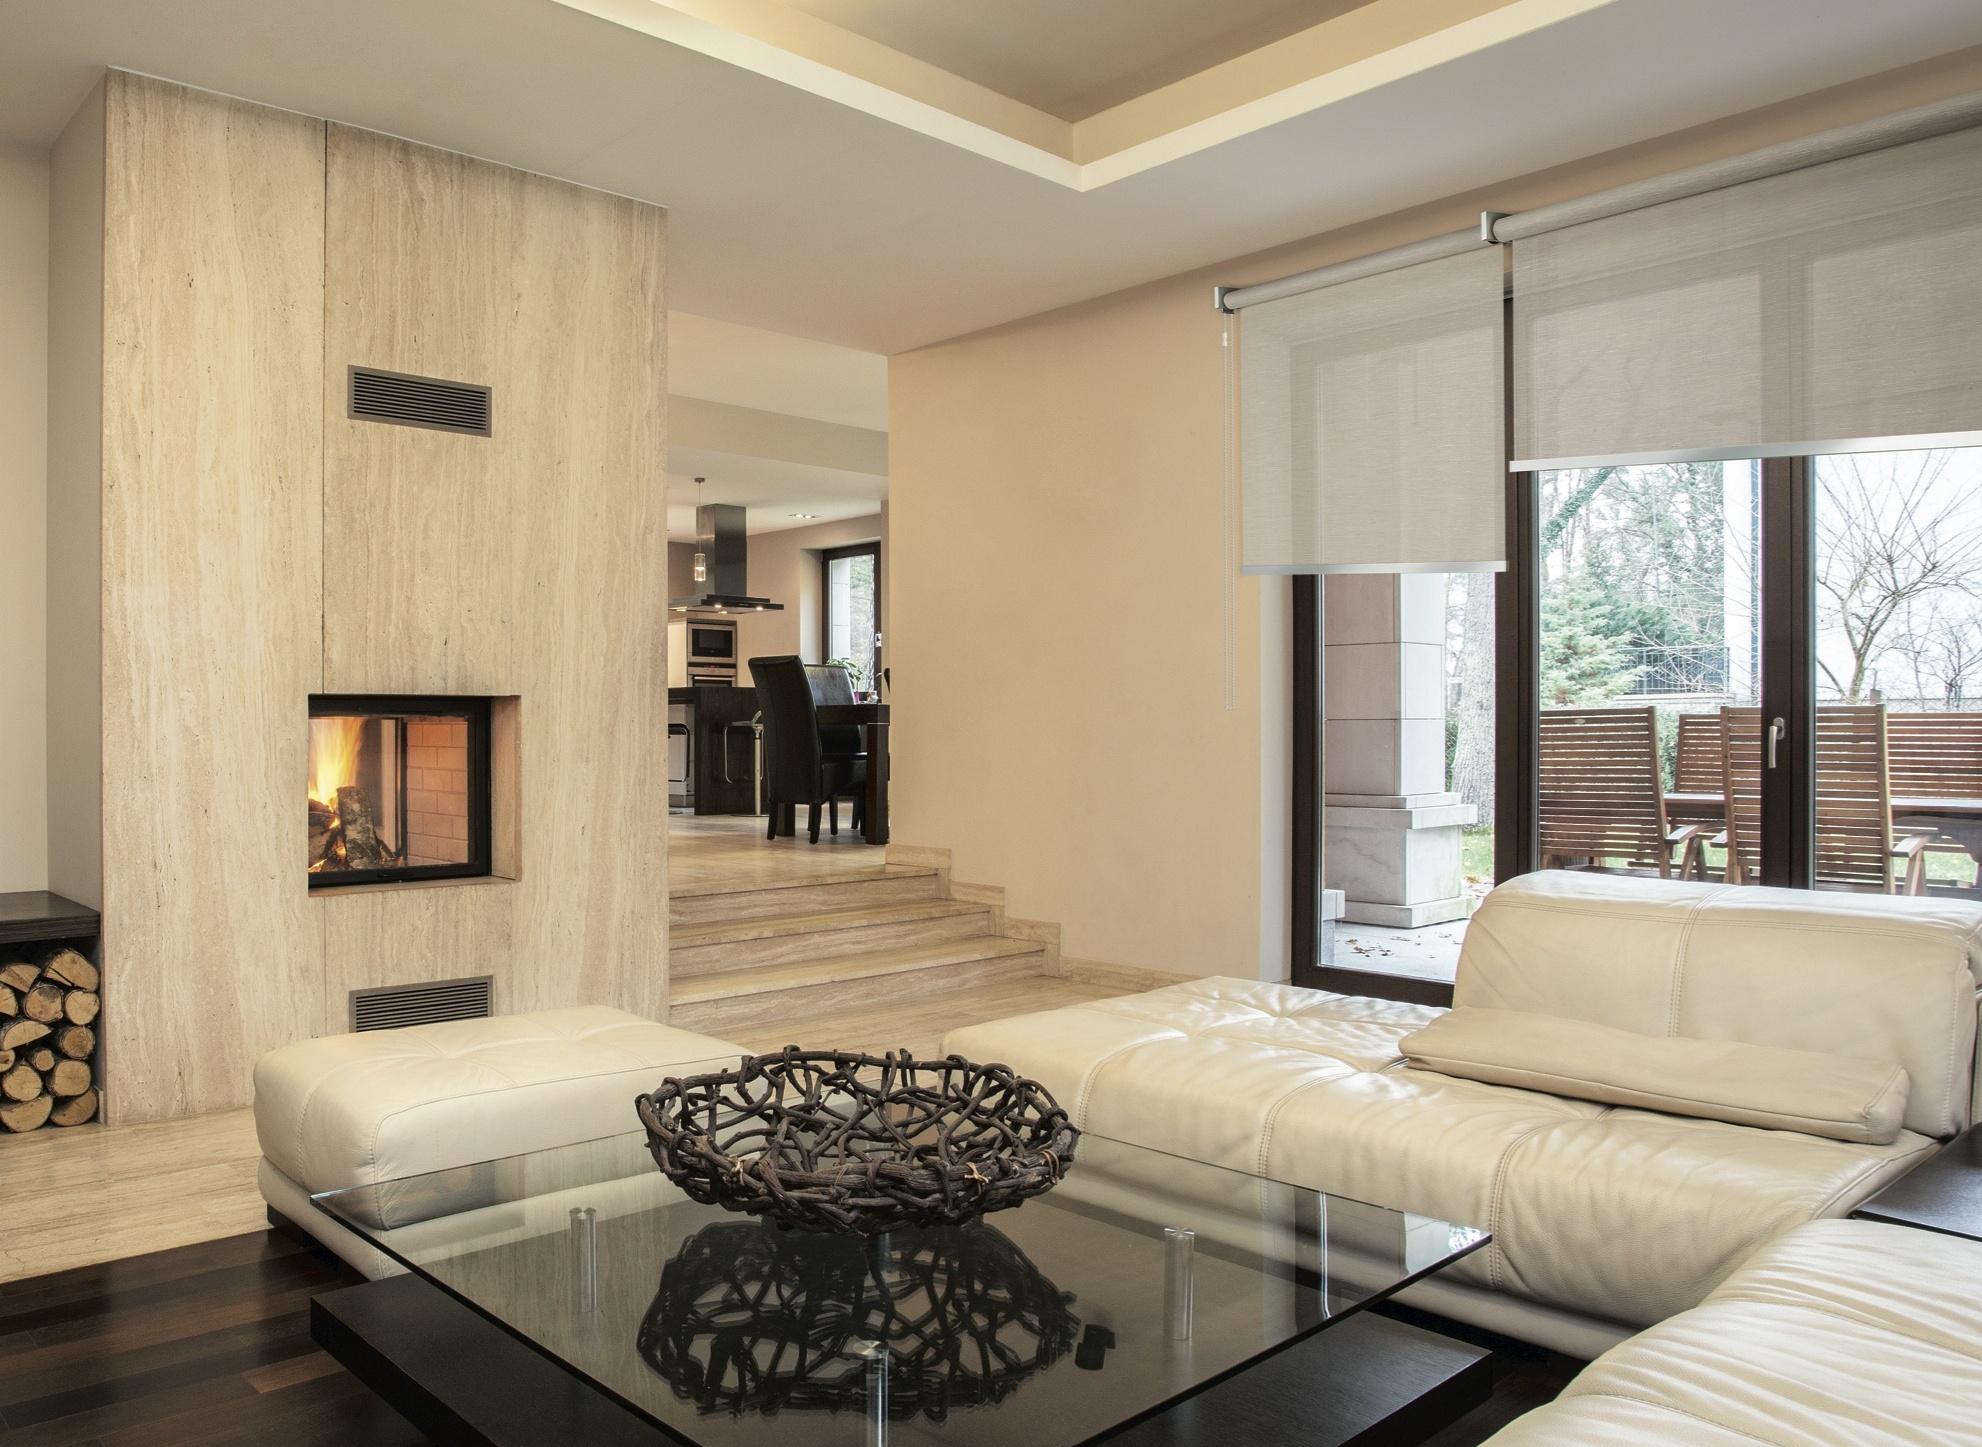 Divano letto bianco sfoderabile - Tende per soggiorno classico ...